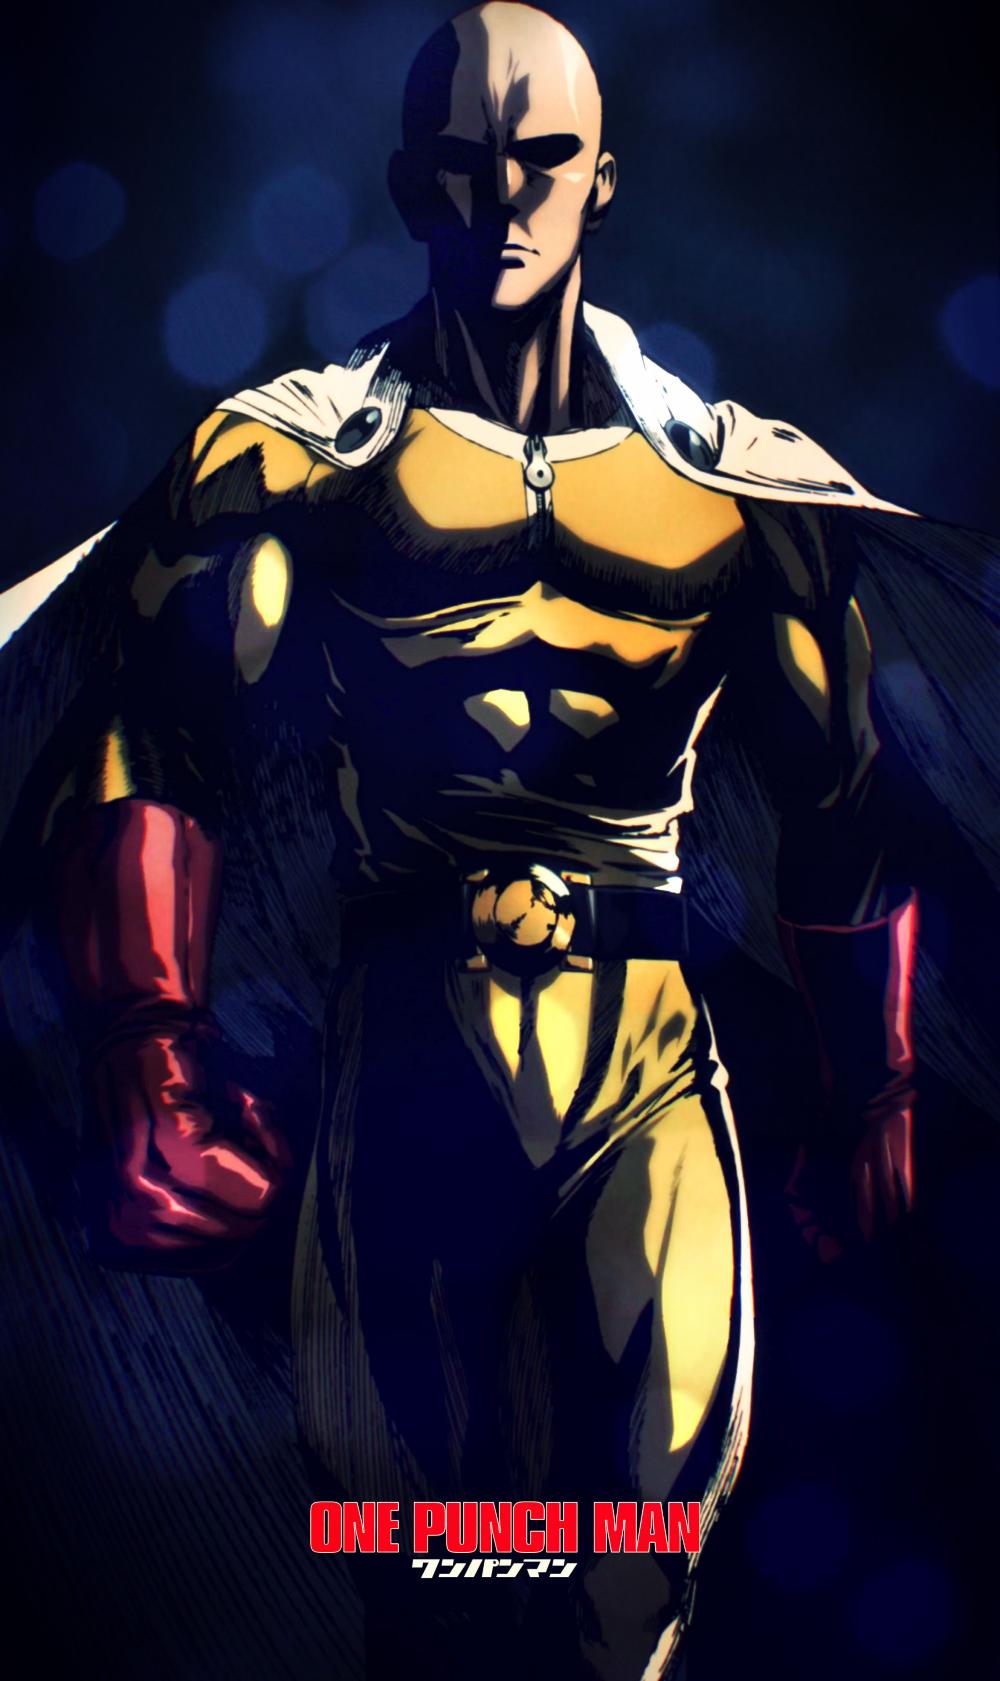 Top 10 fond d'écran One Punch Man / Les meilleurs fond d